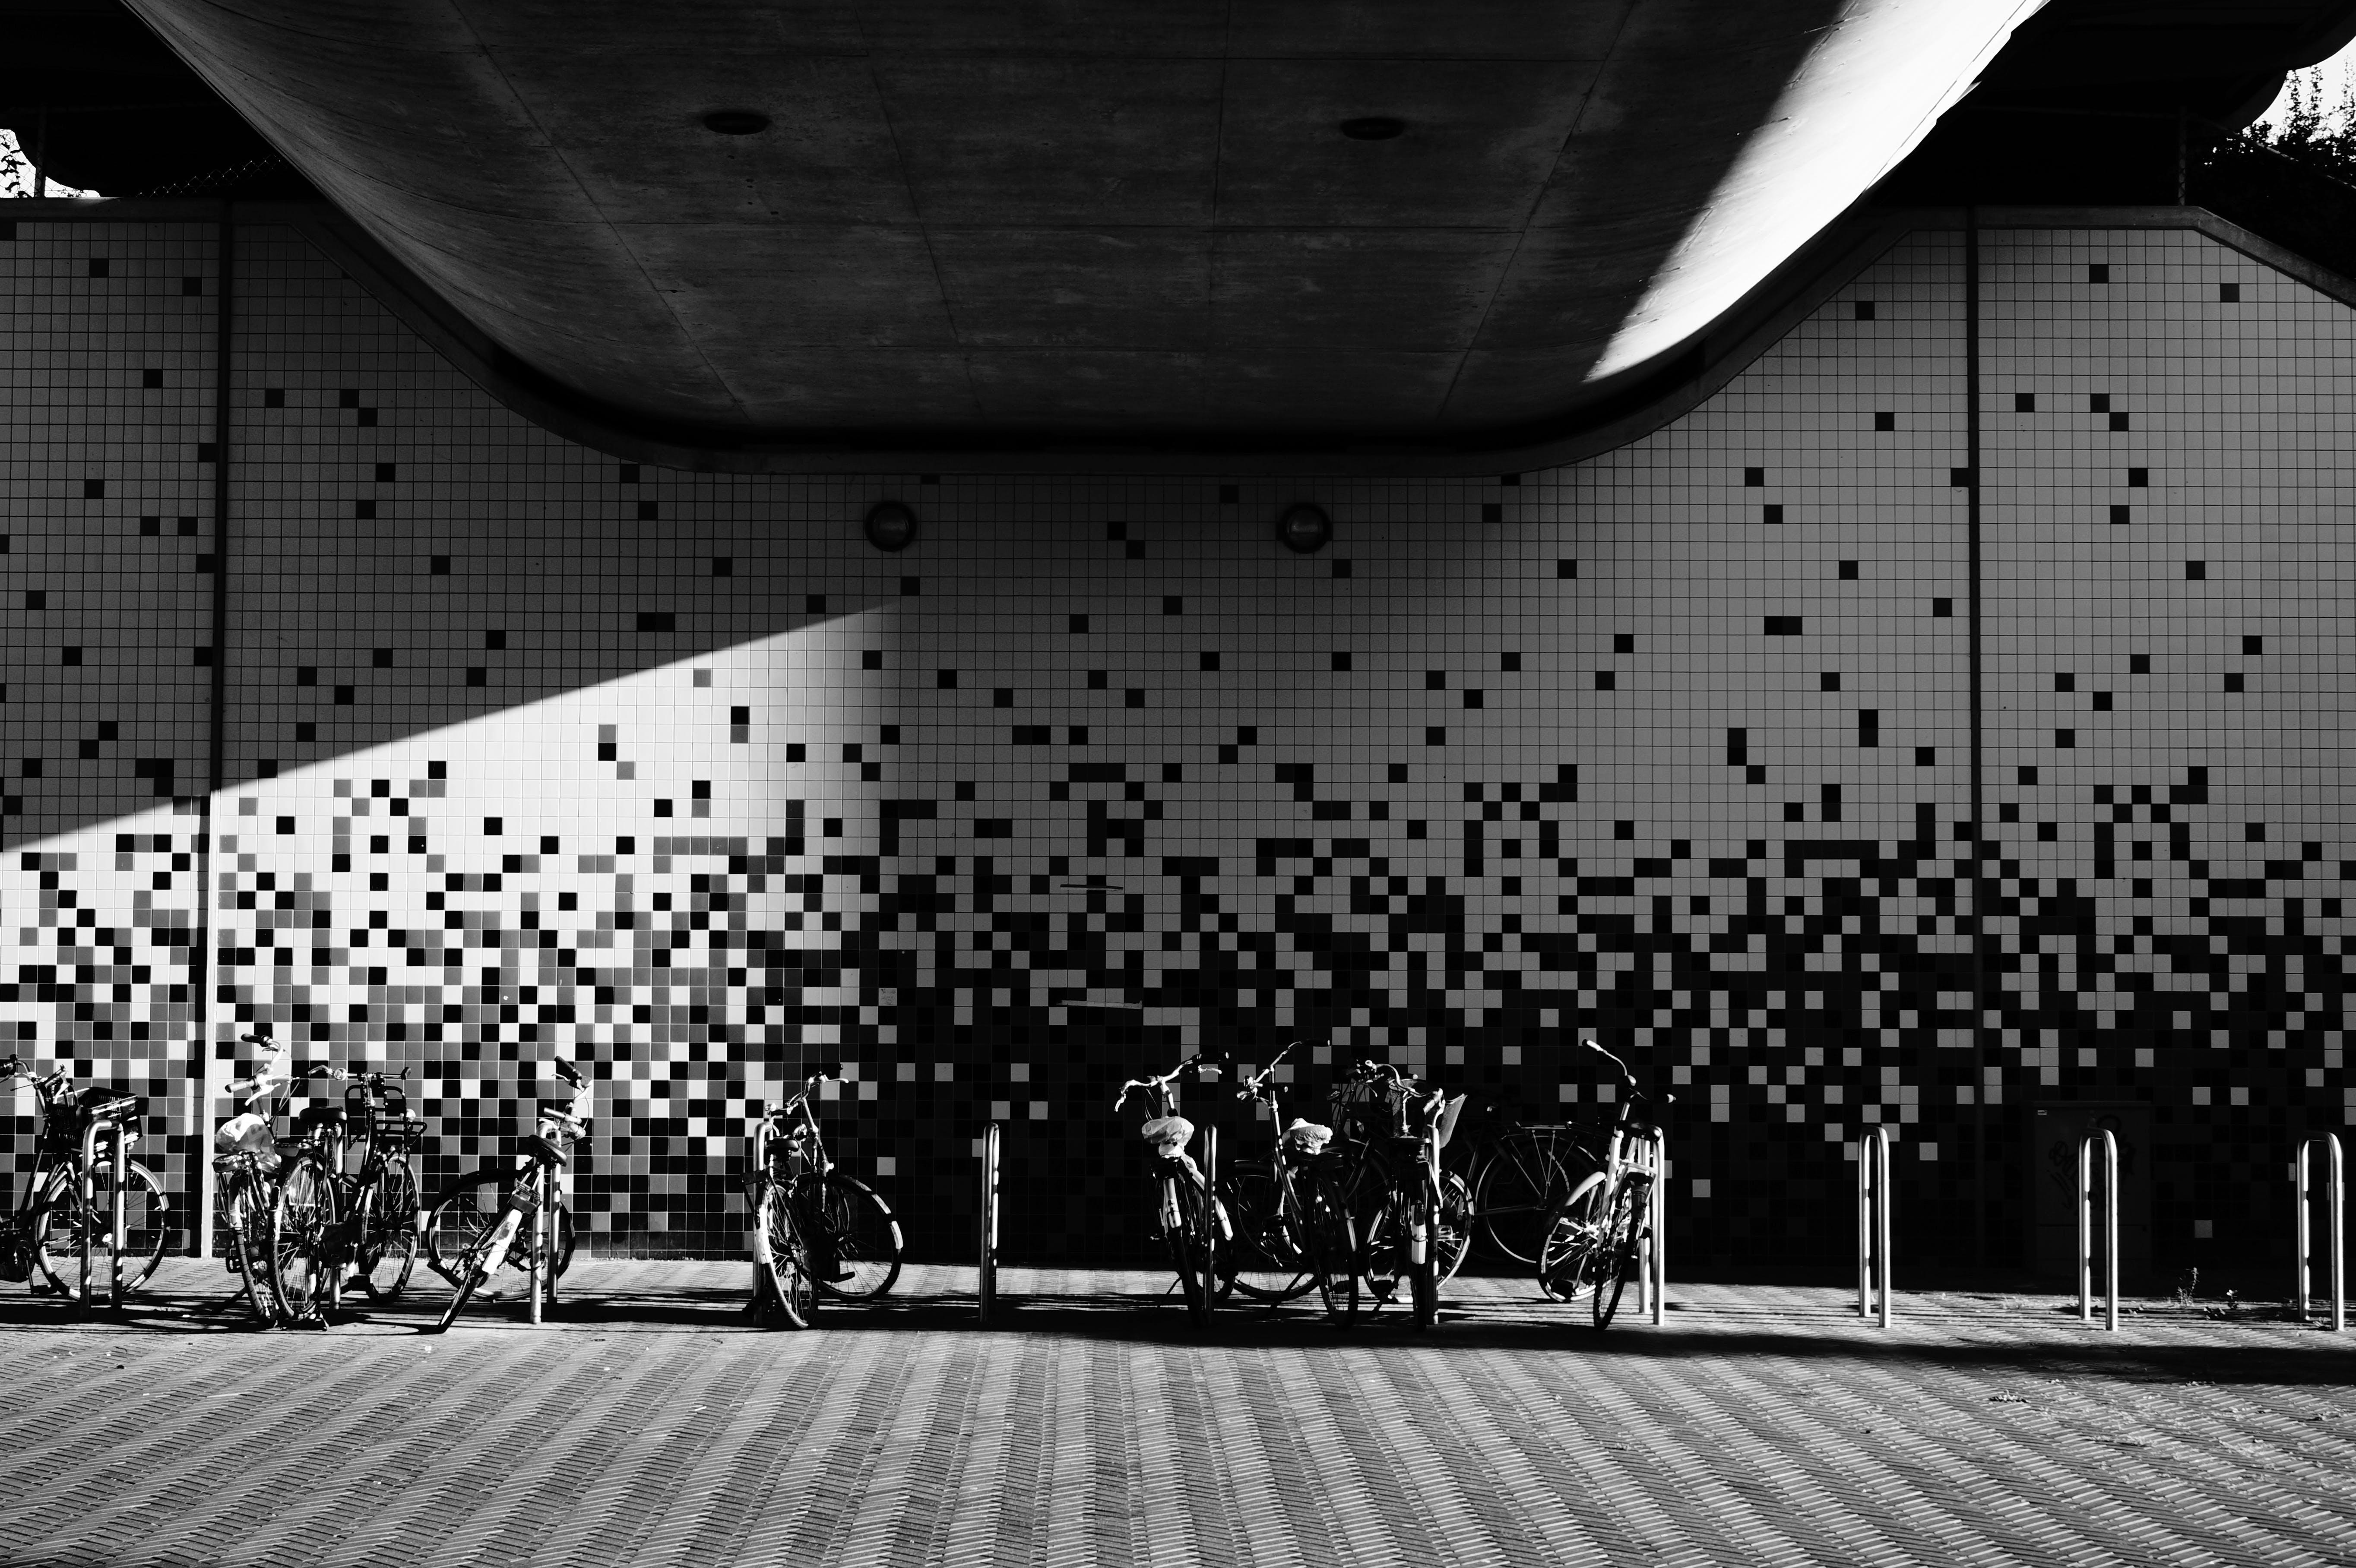 거리, 자갈길, 자전거, 타일의 무료 스톡 사진